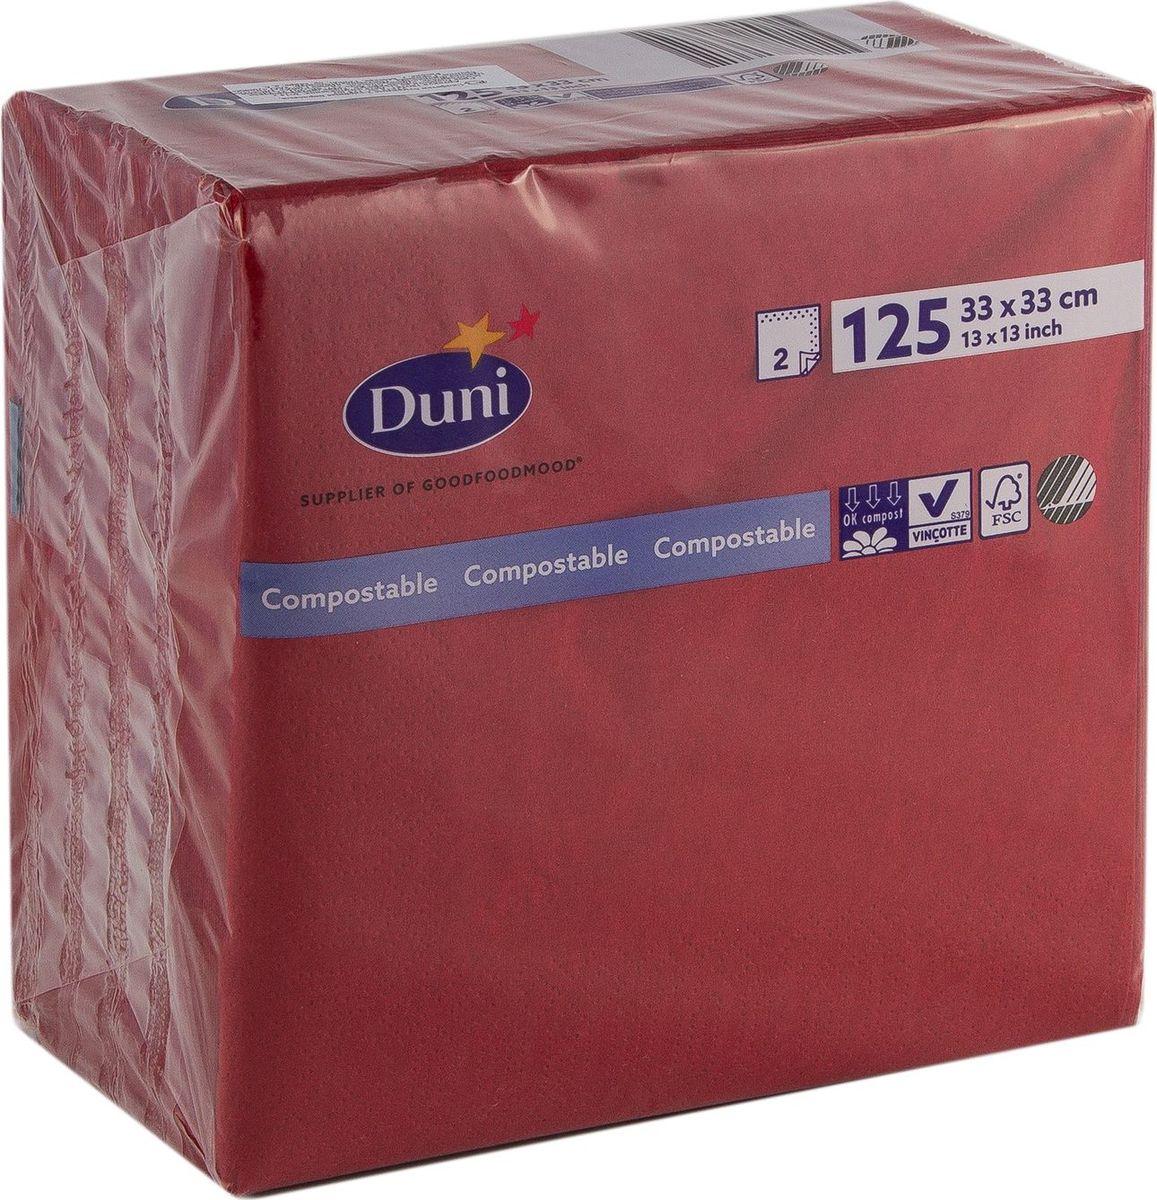 Салфетки бумажные Duni, 2-слойные, 33 см, цвет: бордовый, 125 шт180381Многослойные бумажные салфетки изготовлены из экологически чистого, высококачественного сырья - 100% целлюлозы. Салфетки выполнены в оригинальном и современном стиле, прекрасно сочетаются с любым интерьером и всегда будут прекрасным и незаменимым украшением стола.